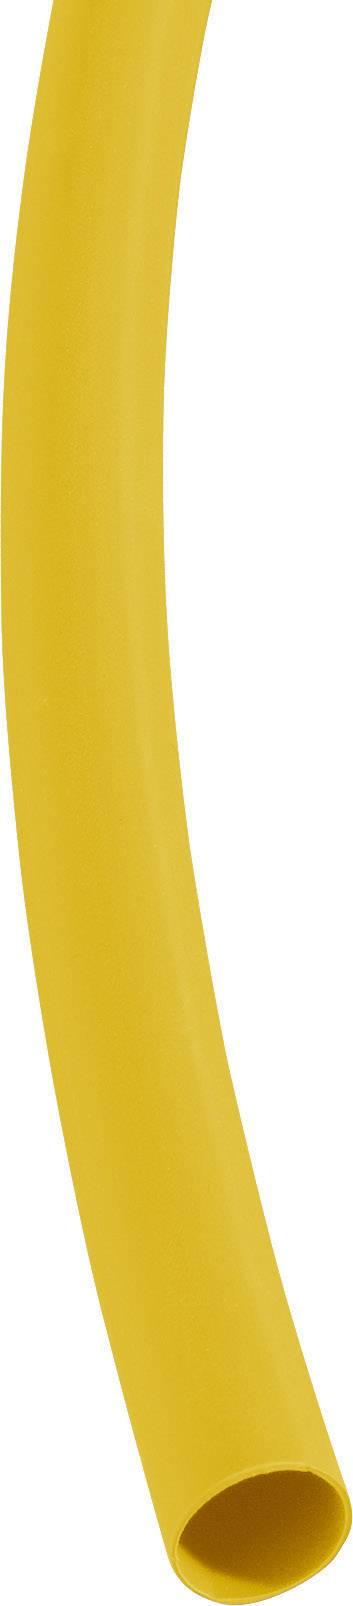 Zmršťovacia bužírka bez lepidla DSG Canusa DERAY-I3000 3290030103, 3:1, 3.20 mm, žltá, metrový tovar